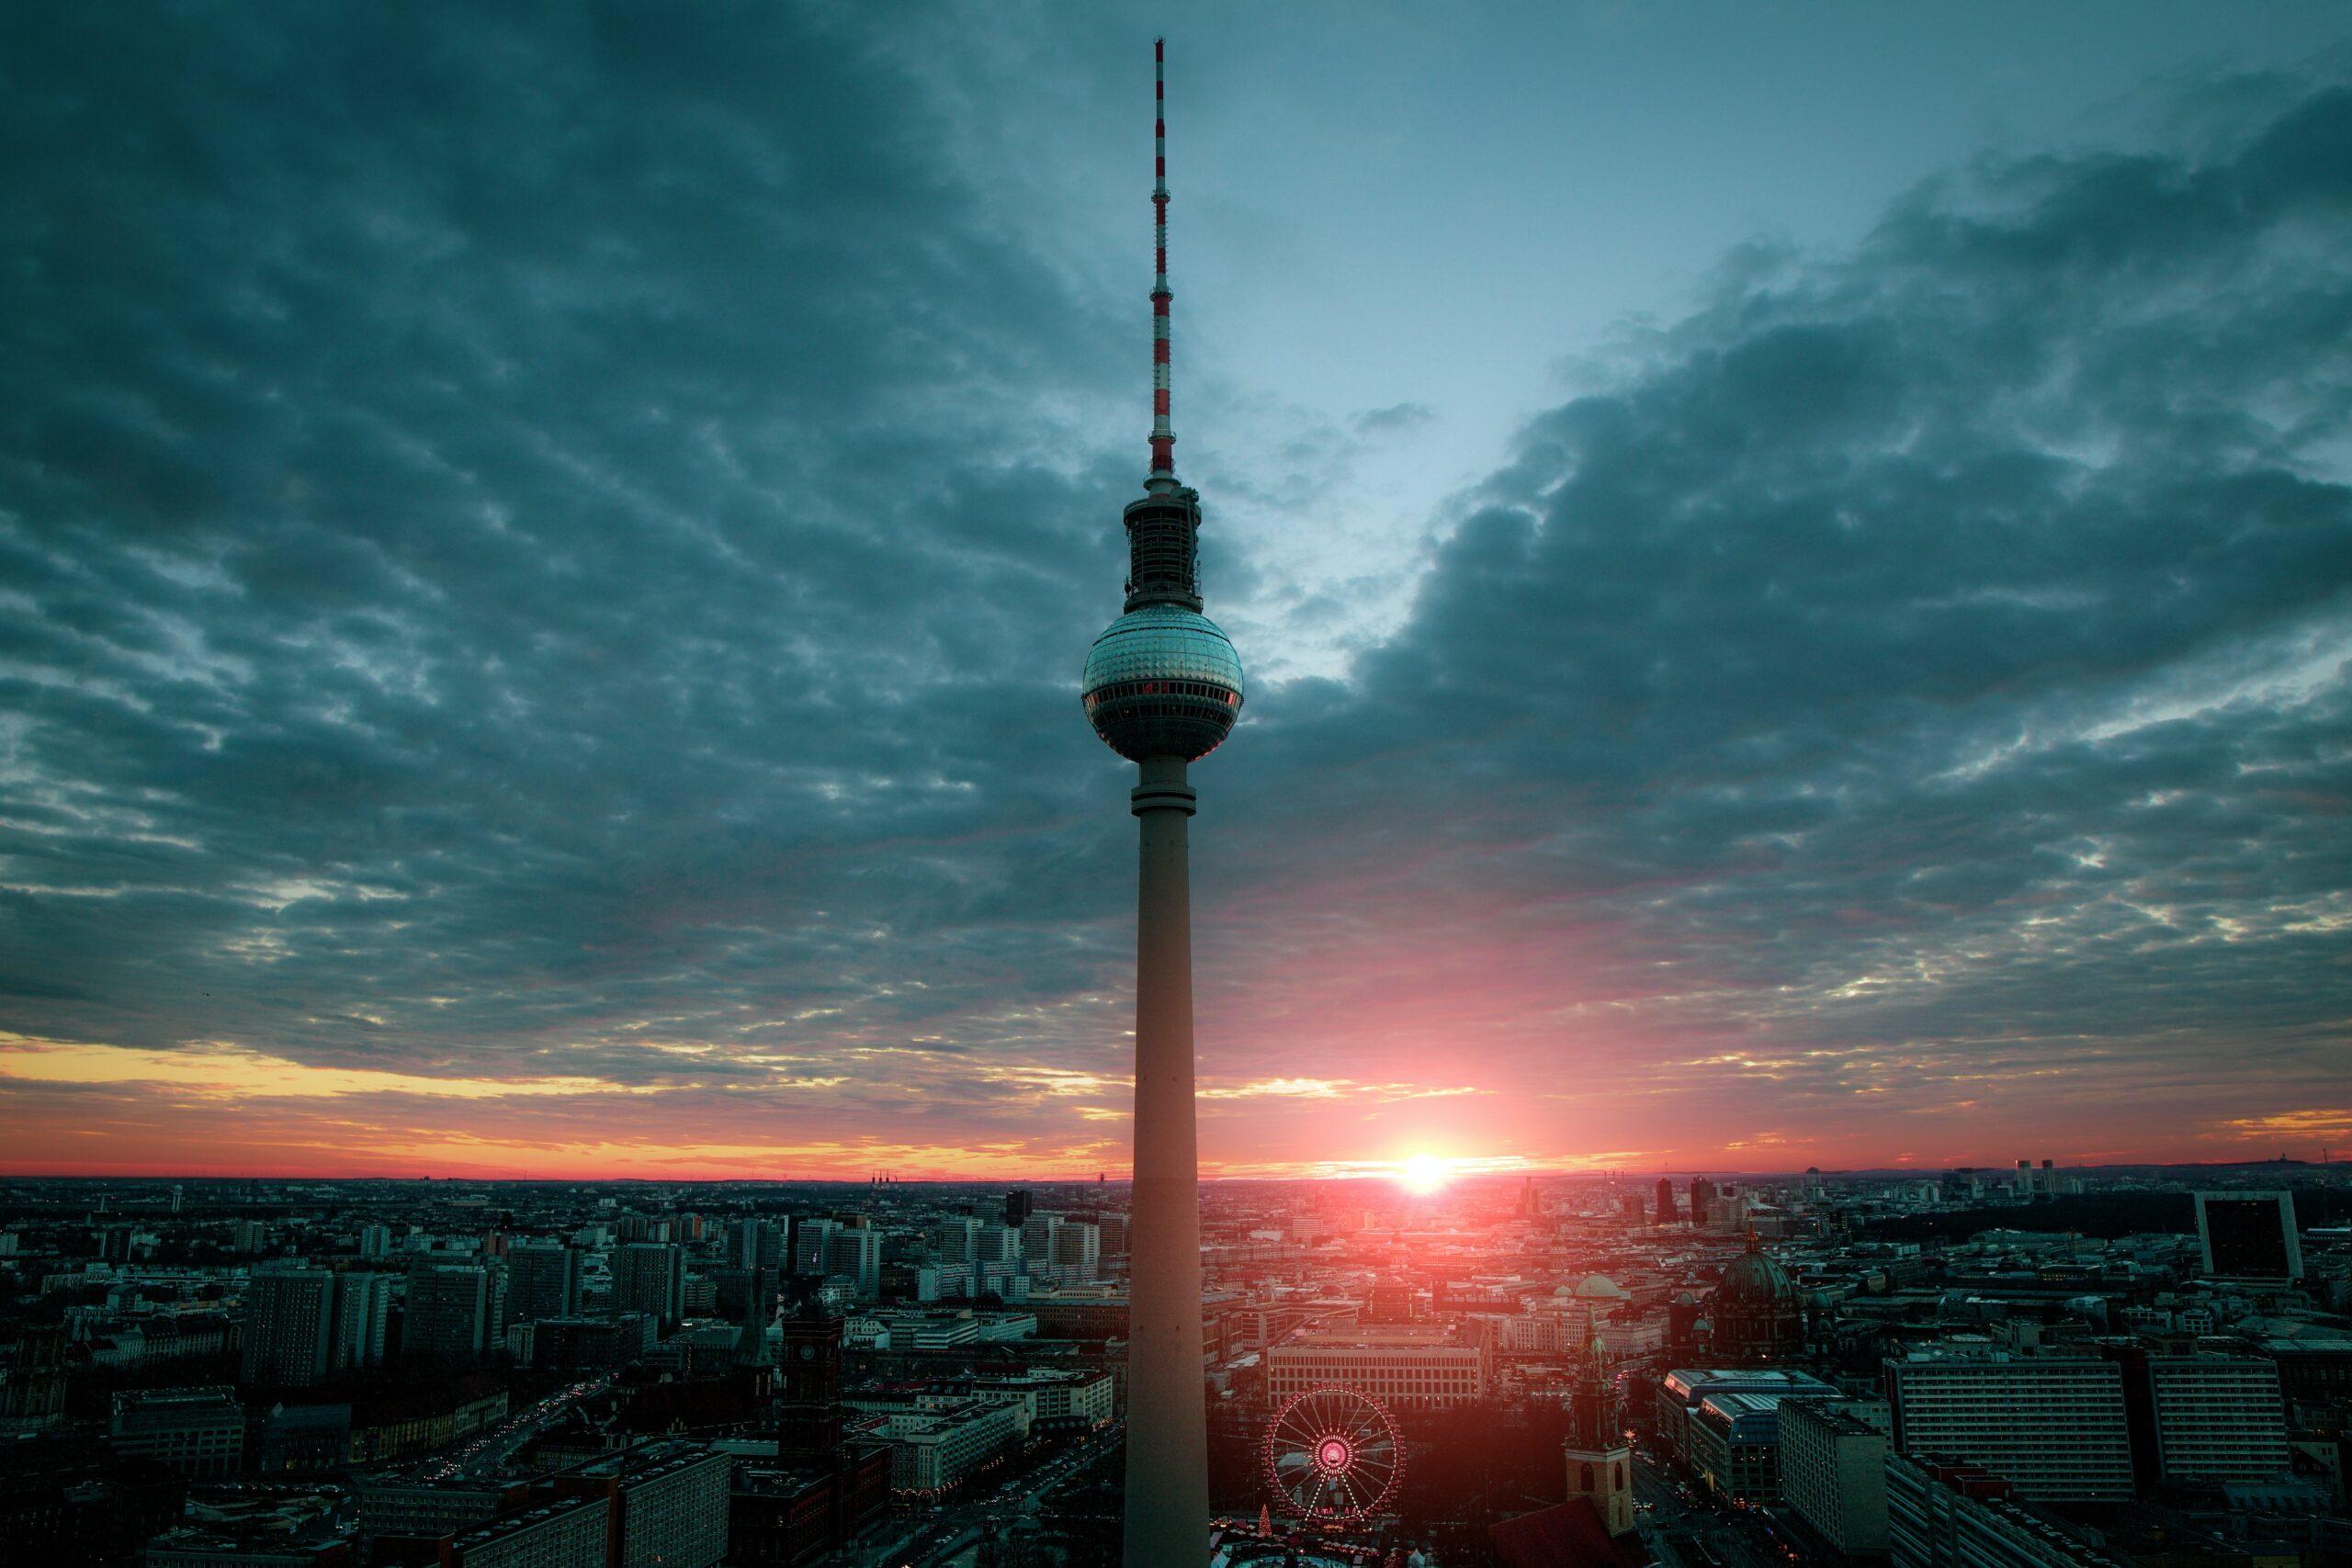 Der Berliner Fernsehturm- zu Fuß zum Wahrzeichen der Stadt